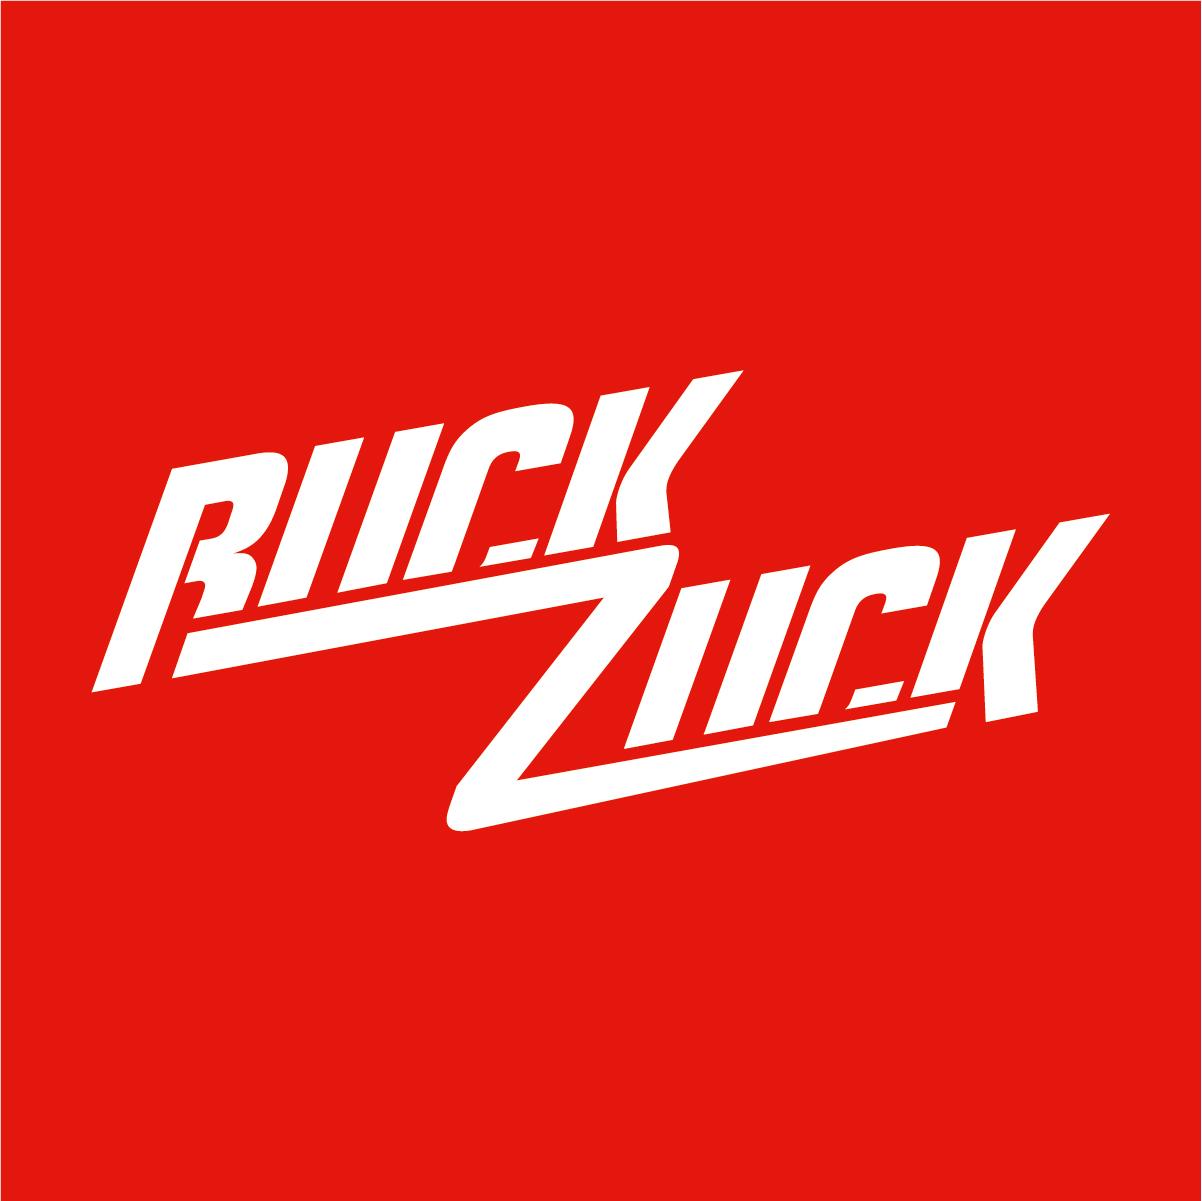 Komplettset Eco Vinyl 4mm Vulkano Granit PVC-frei 4V-Fuge